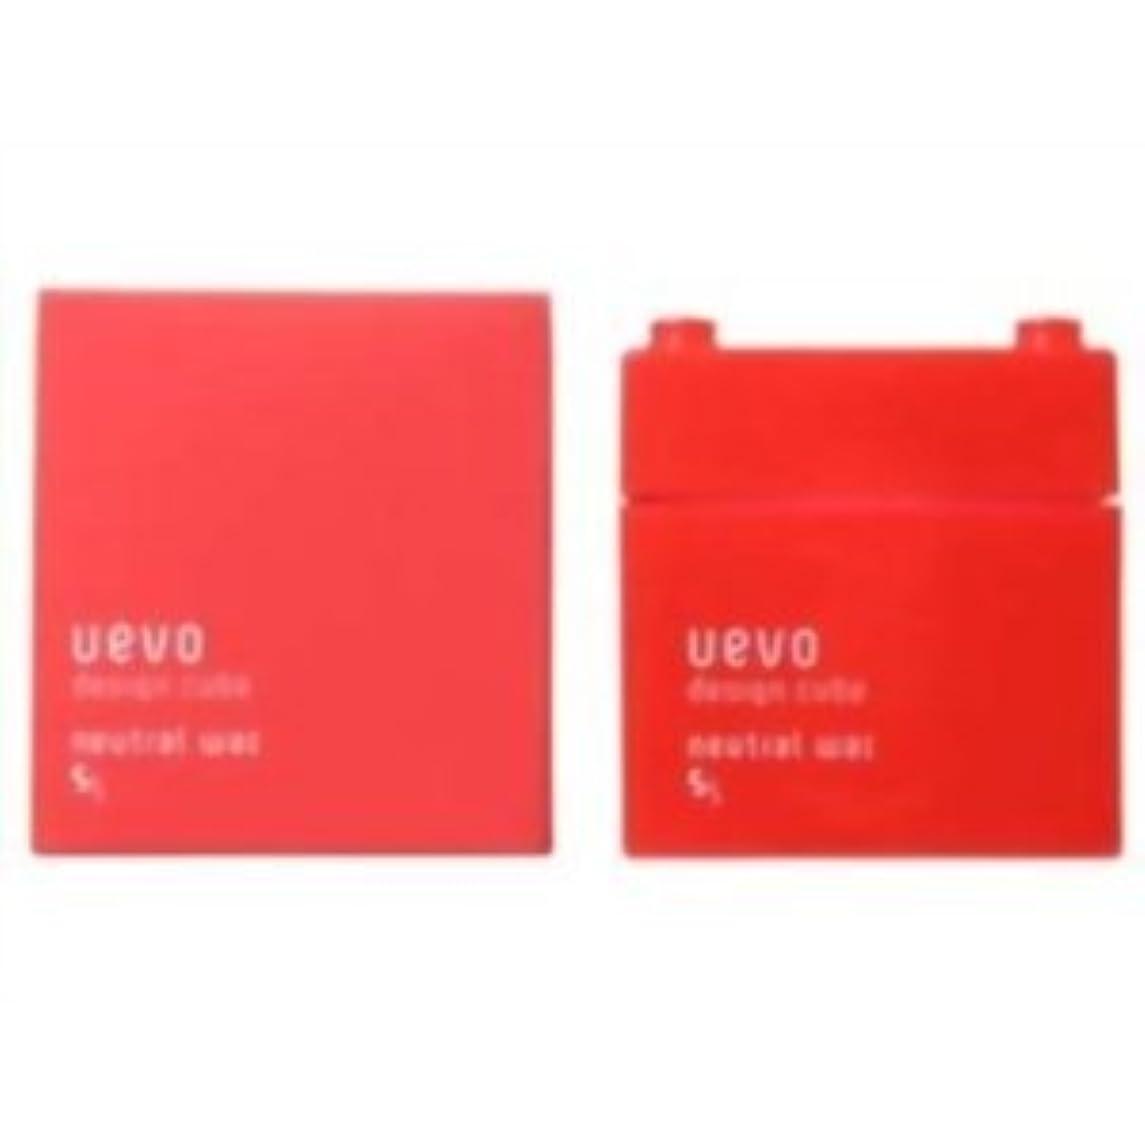 リテラシー息苦しい満足させる【X2個セット】 デミ ウェーボ デザインキューブ ニュートラルワックス 80g neutral wax DEMI uevo design cube